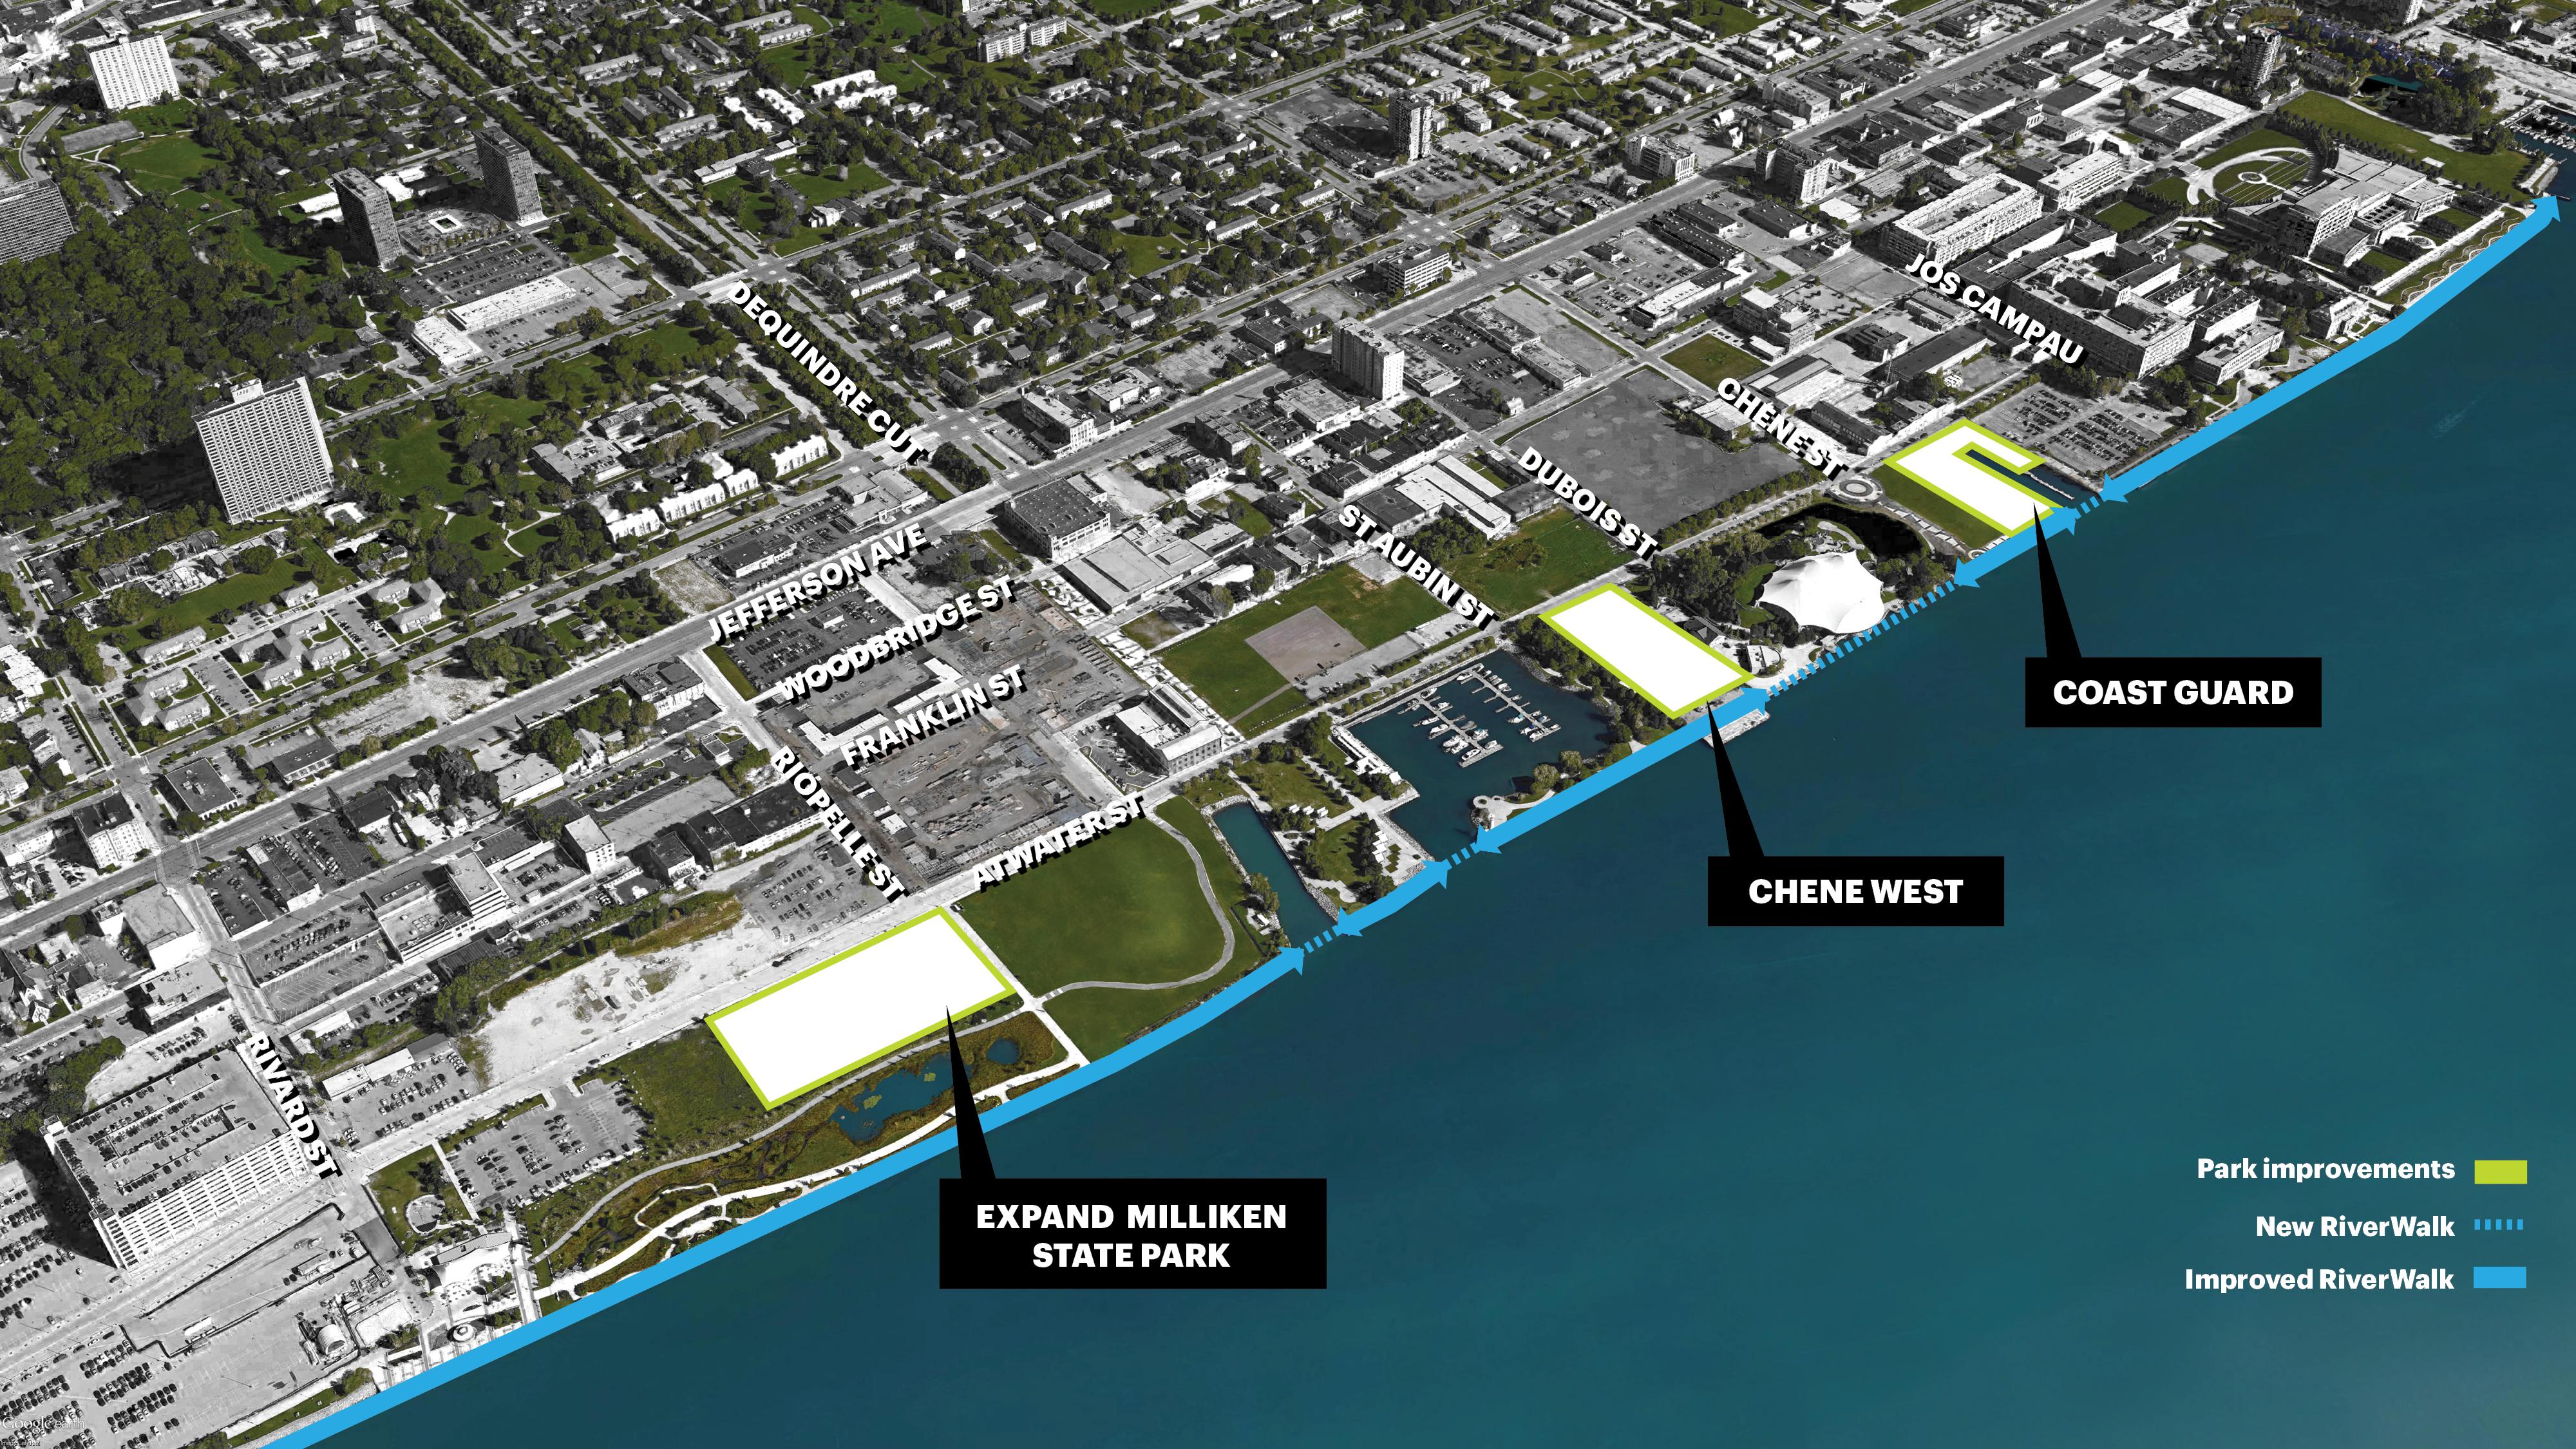 Detroit RiverFront Conservancy Reveals Plans For East Riverfront Redevelopment - Curbed Detroit